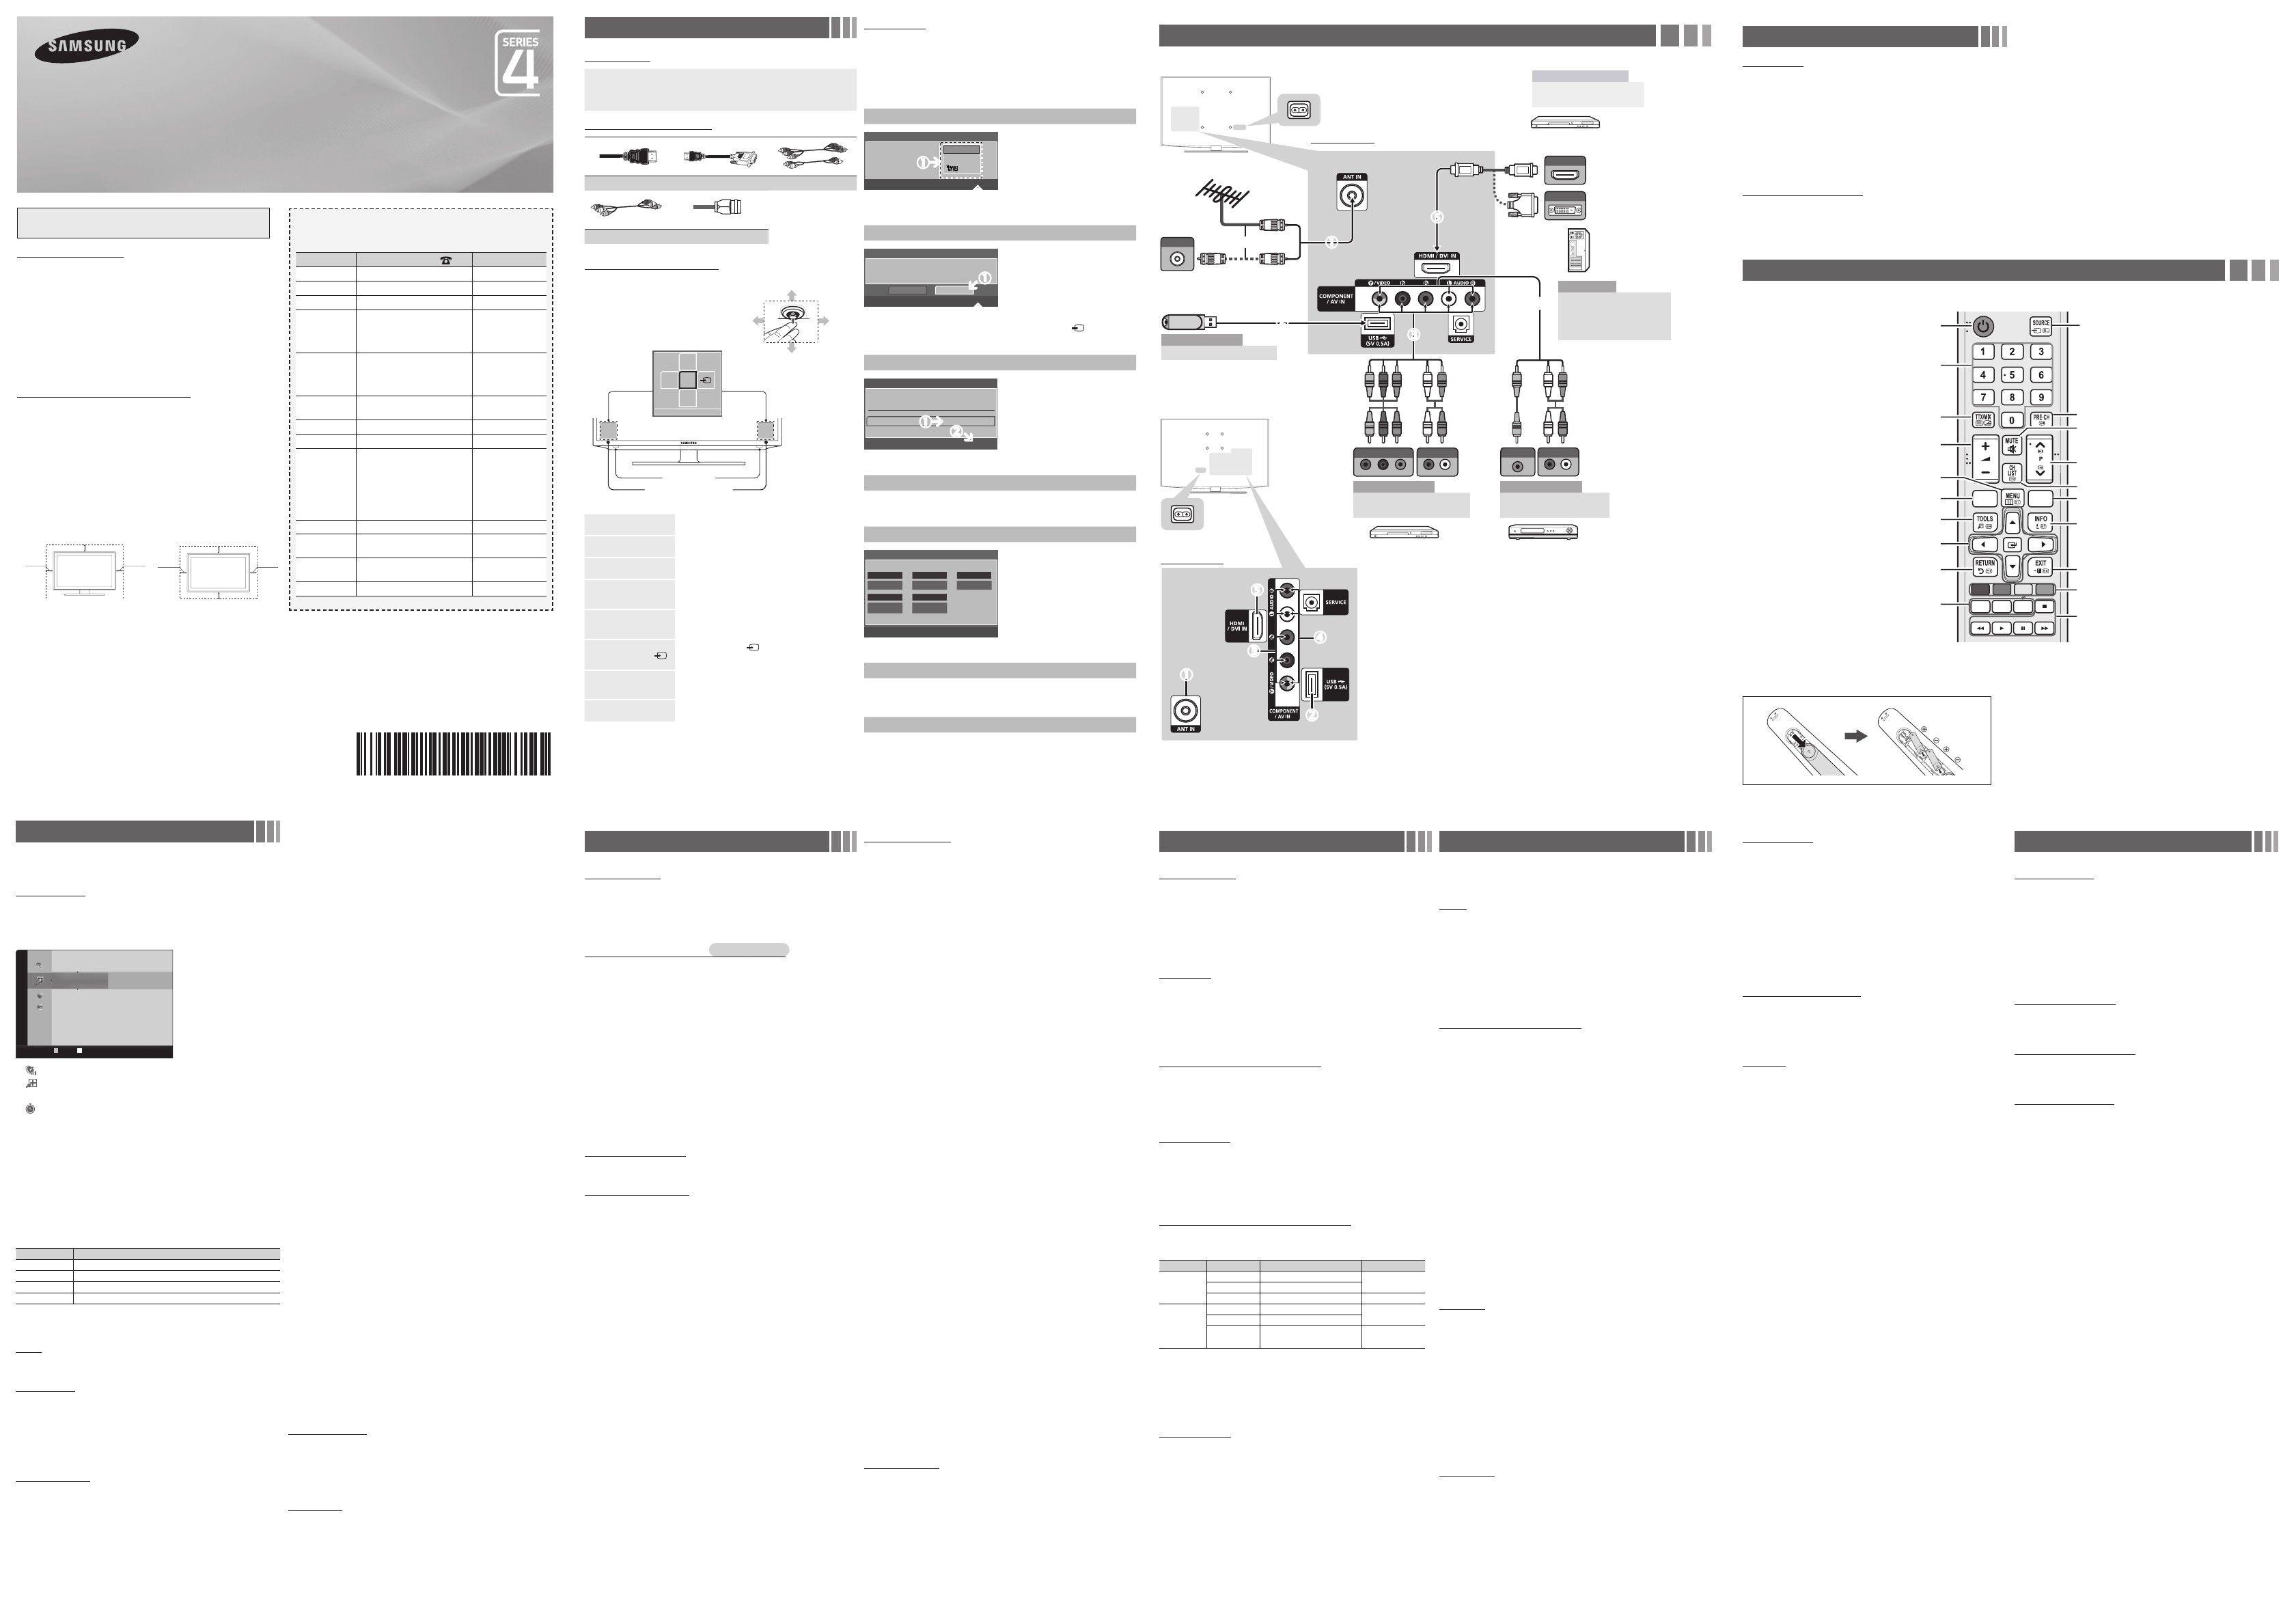 Unique Wiring Diagram Ac Samsung  Diagramsample